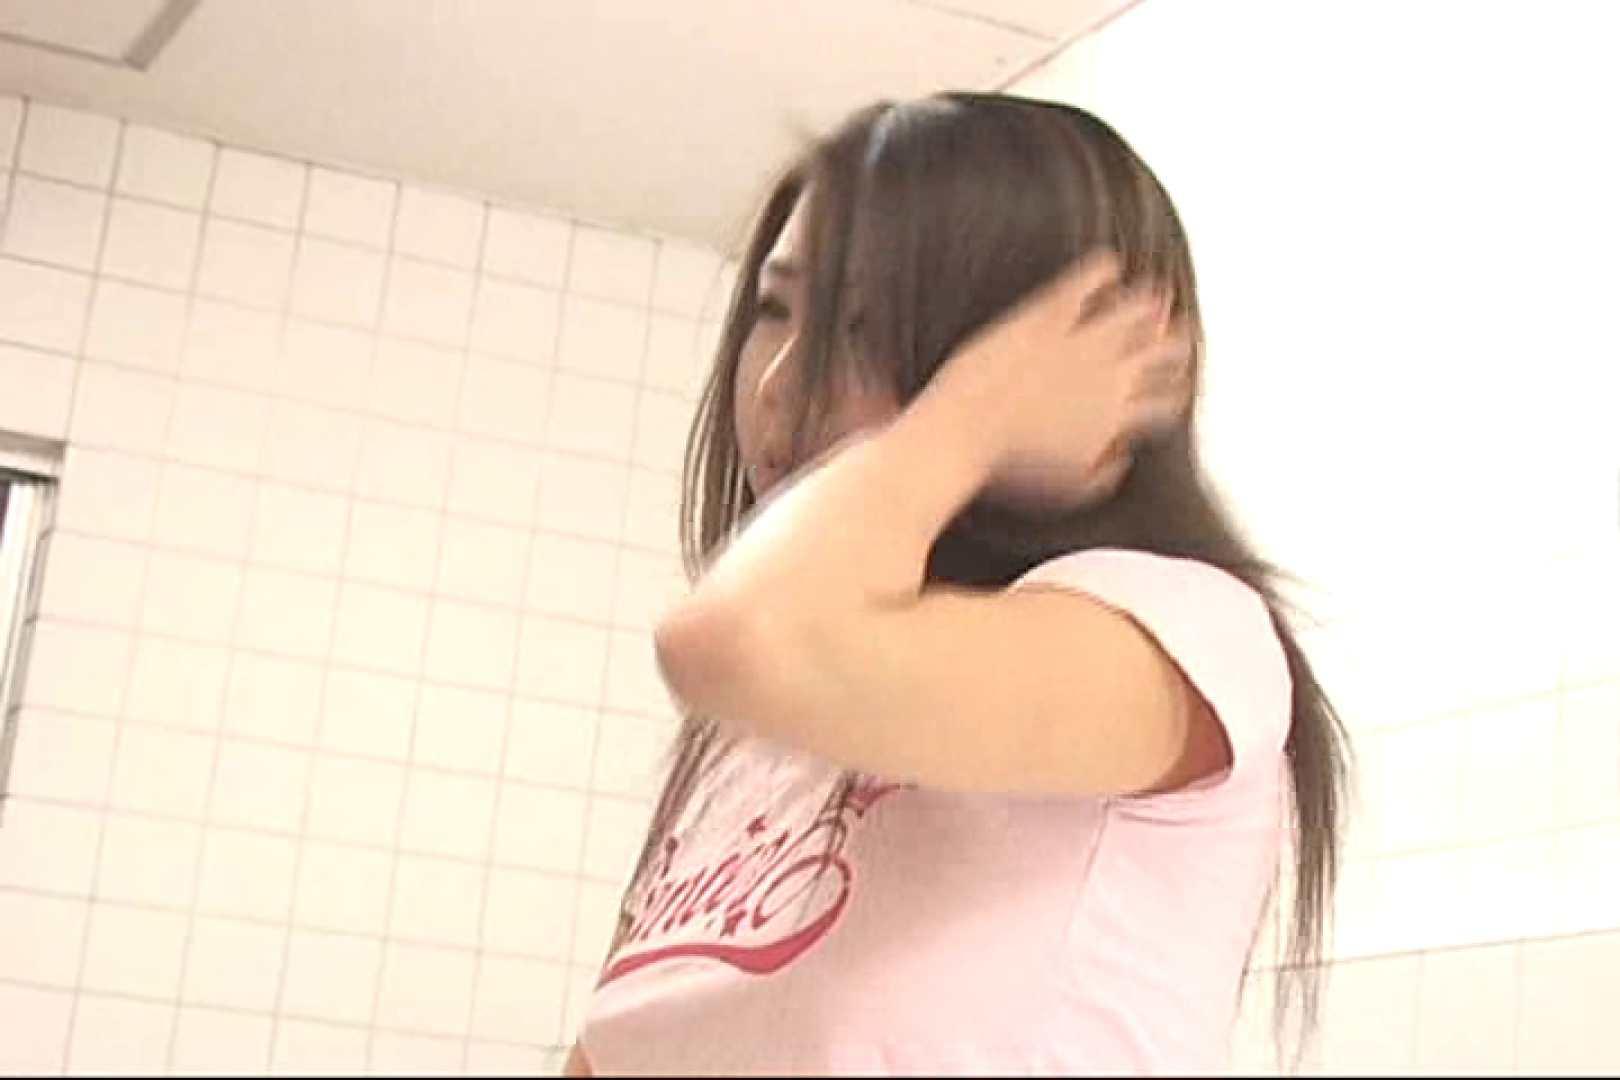 雑居ビル洗面所只今使用禁止中!Vol.4 ギャルのエロ動画  82画像 12